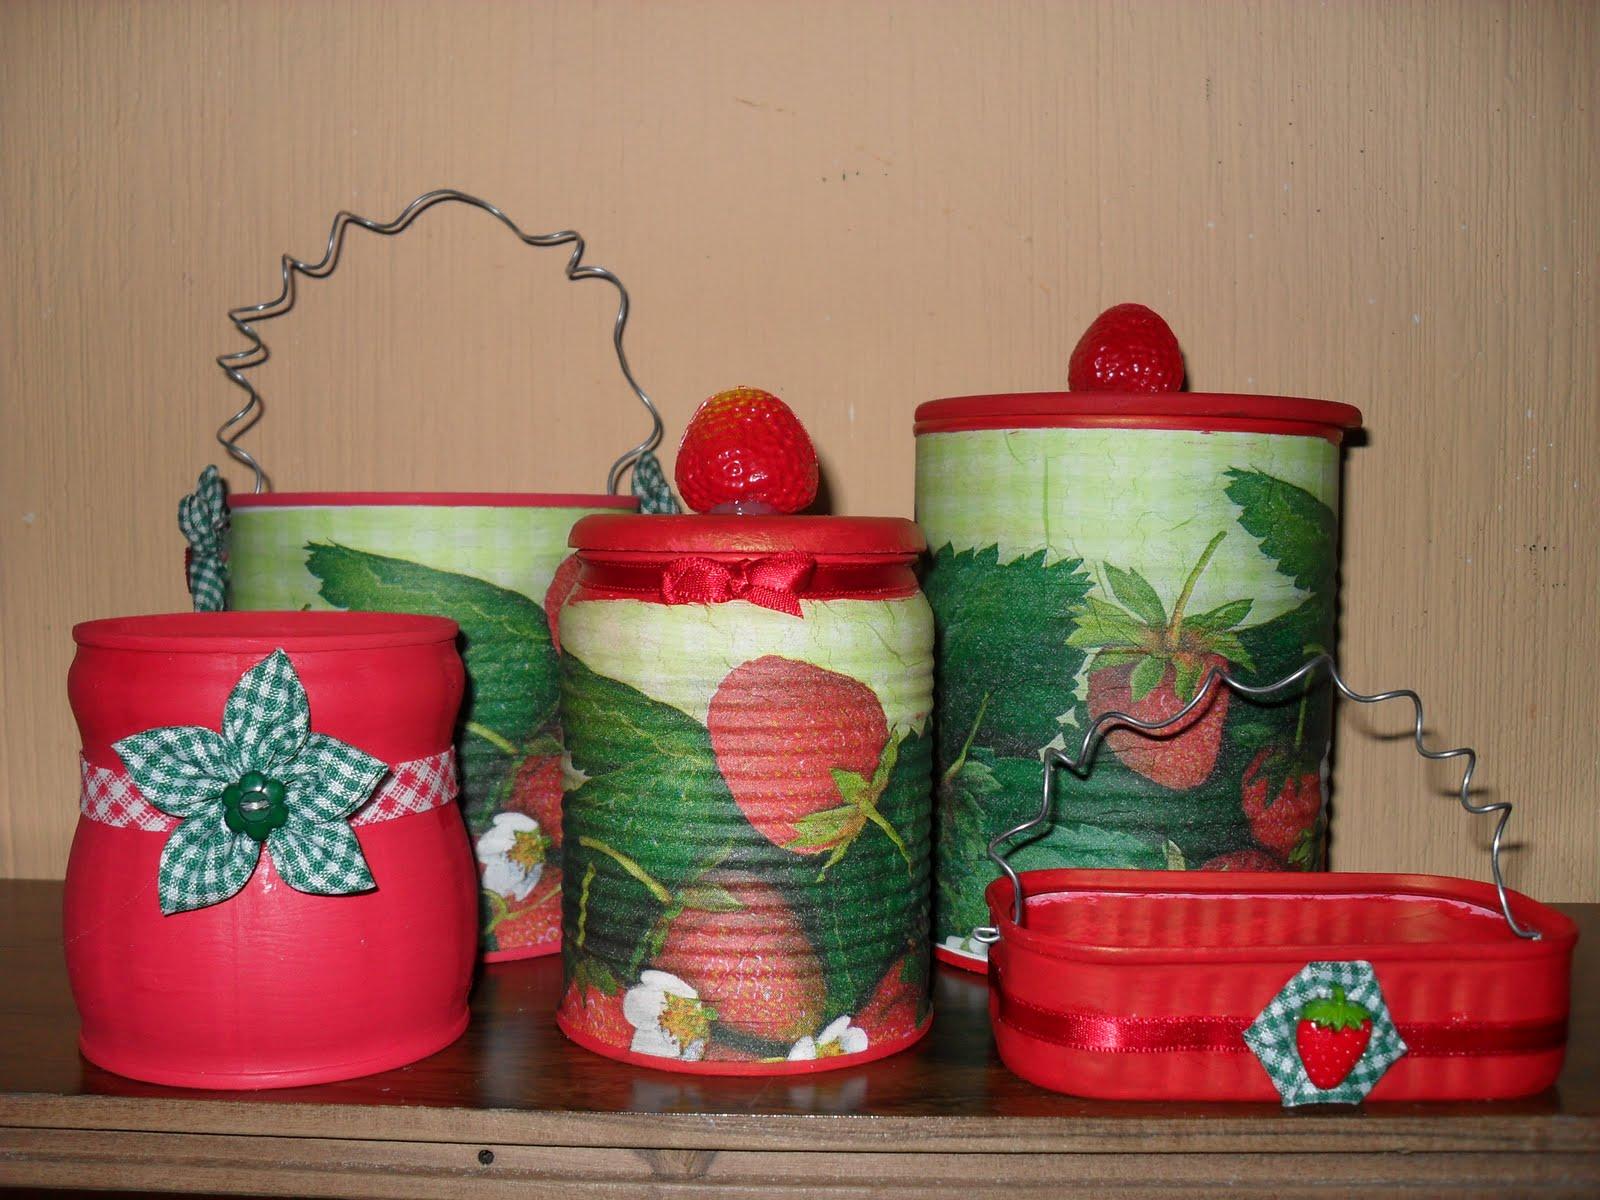 Aparador Suspenso Como Fazer ~ Reciclagem e Arte Artesanato Sustentável por u00b4Maíra Fontoura Reciclando latinhas! Artesanato